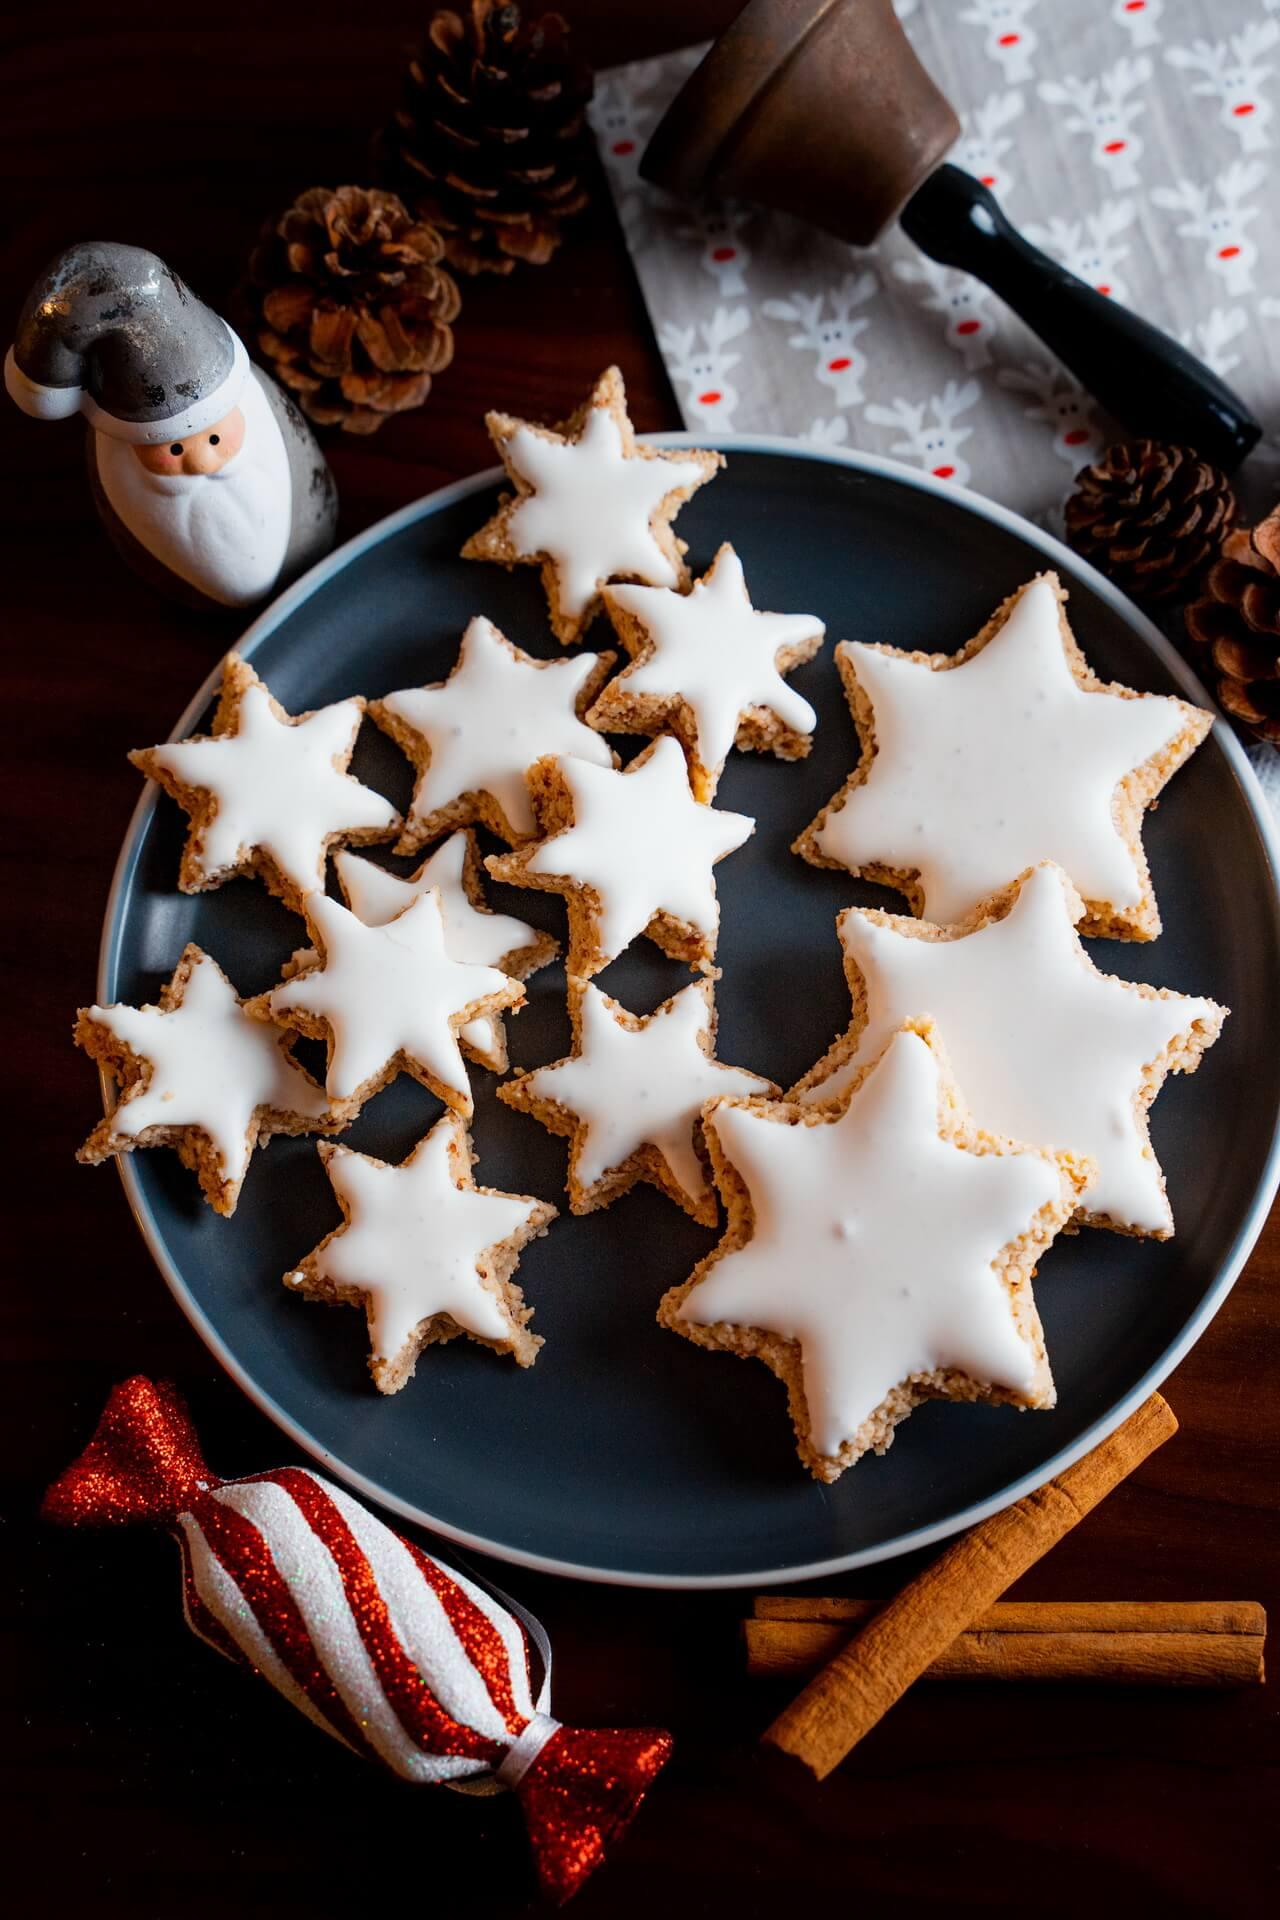 Zimtsterne Cinnamon Star Christmas Cookies On Plate Vertical